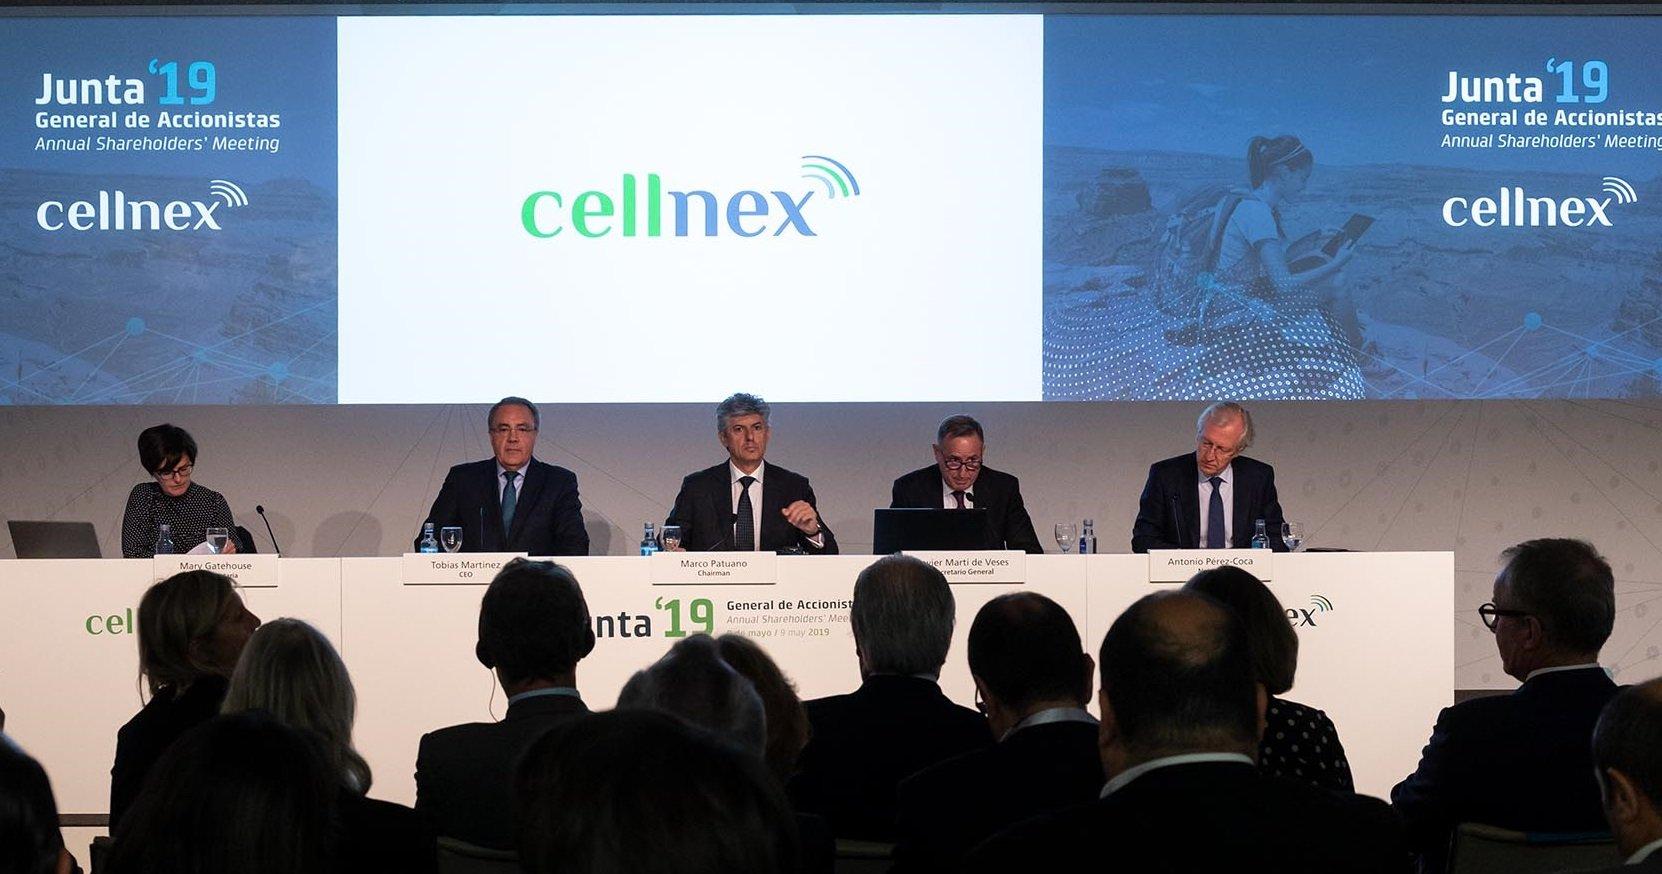 Marco Patuano, 'chairman', y Tobías Martínez, CEO, logran el apoyo de los accionistas a su estrategia en Cellnex